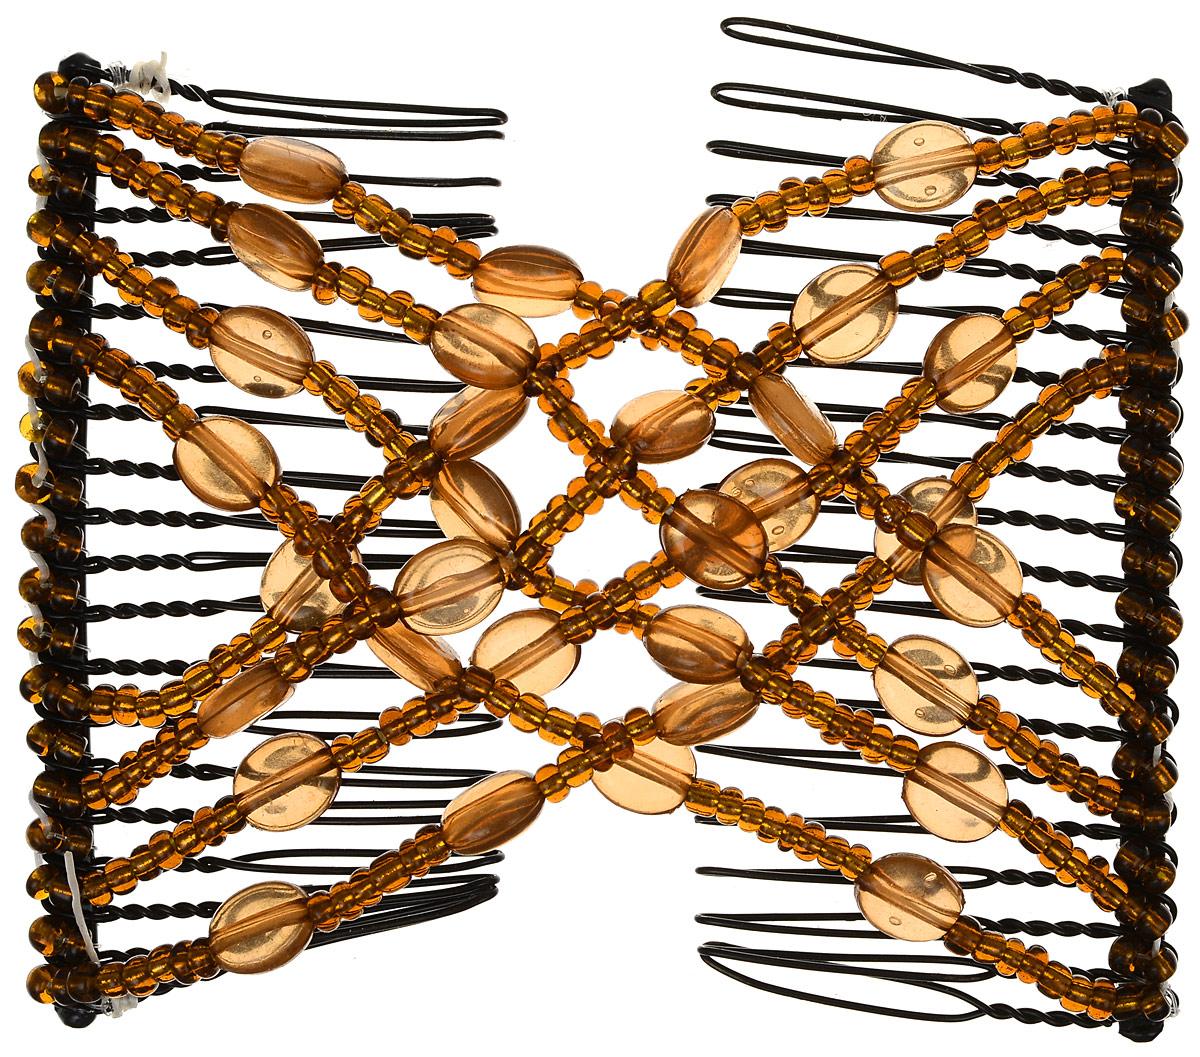 EZ-Combs Заколка Изи-Комбс, одинарная, цвет: коричневый. ЗИО_овалыЗИО_коричневый, овалыУдобная и практичная EZ-Combs подходит для любого типа волос: тонких, жестких, вьющихся или прямых, и не наносит им никакого вреда. Заколка не мешает движениям головы и не создает дискомфорта, когда вы отдыхаете или управляете автомобилем. Каждый гребень имеет по 20 зубьев для надежной фиксации заколки на волосах! И даже во время бега и интенсивных тренировок в спортзале EZ-Combs не падает; она прочно фиксирует прическу, сохраняя укладку в первозданном виде. Небольшая и легкая заколка для волос EZ-Combs поместится в любой дамской сумочке, позволяя быстро и без особых усилий создавать неповторимые прически там, где вам это удобно. Гребень прекрасно сочетается с любой одеждой: будь это классический или спортивный стиль, завершая гармоничный облик современной леди. И неважно, какой образ жизни вы ведете, если у вас есть EZ-Combs, вы всегда будете выглядеть потрясающе.